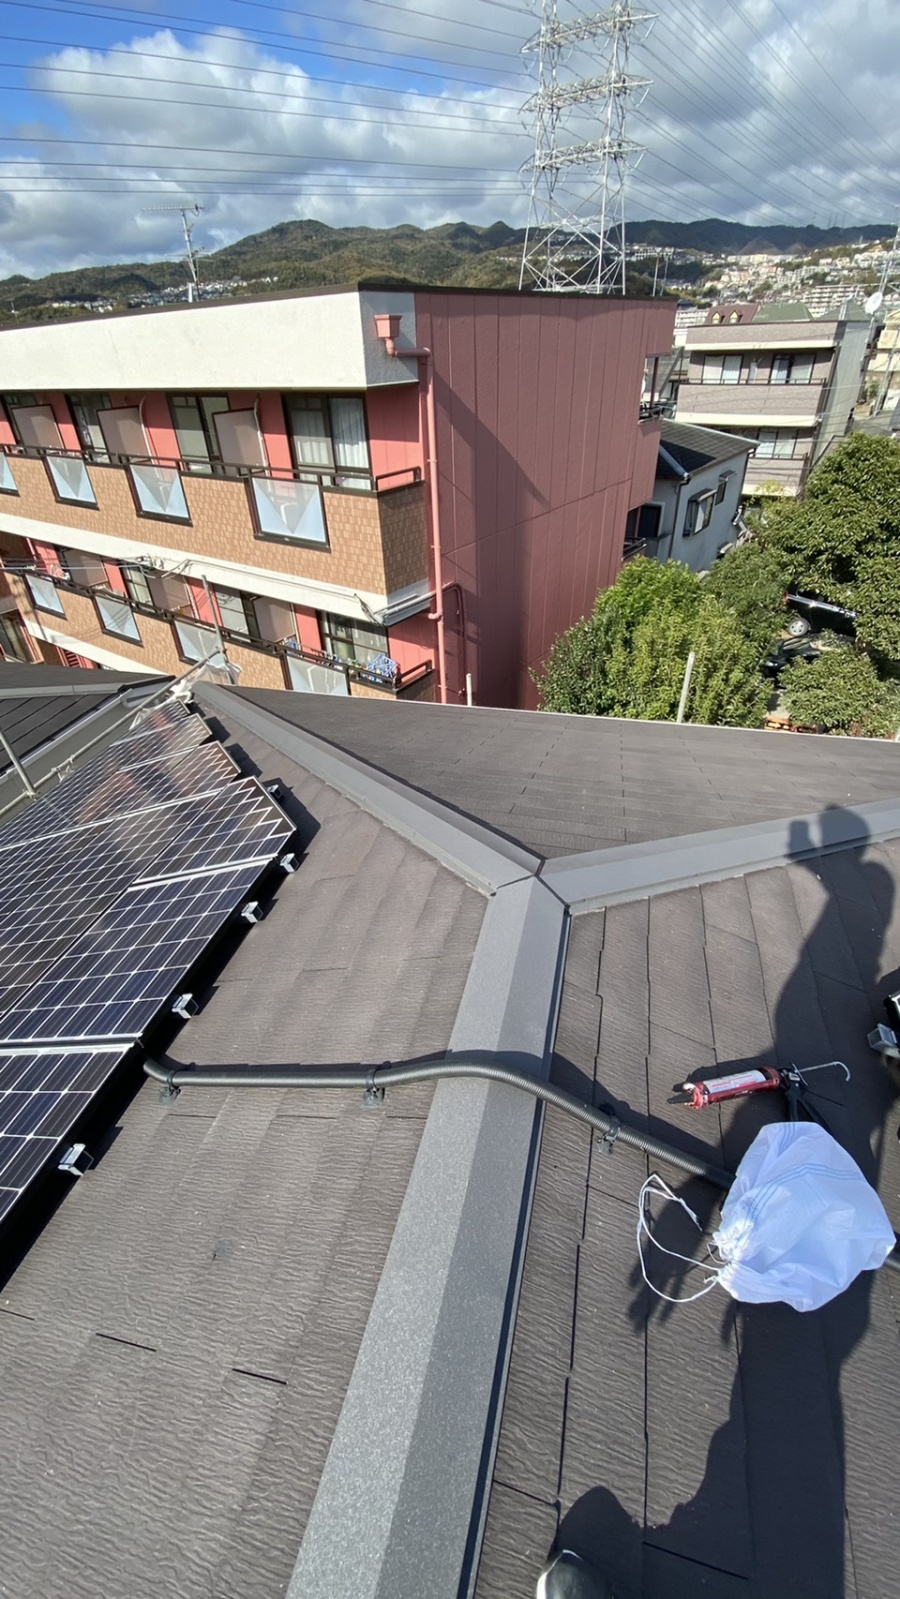 淡路市での屋根修繕ごのスレート屋根の様子